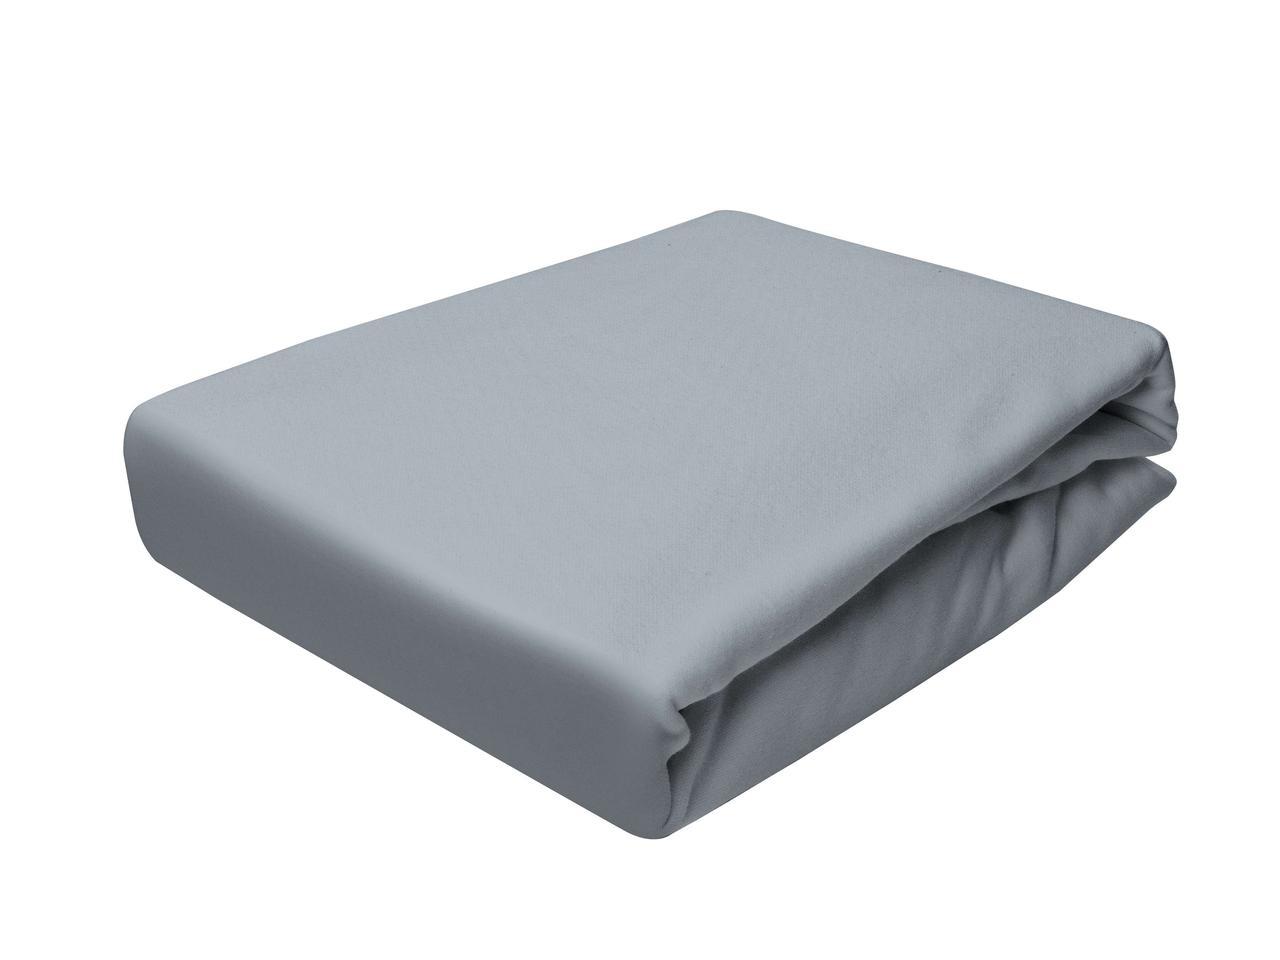 Простыня Трикотажная На резинке NR 155D Darymex 5141 60x120 см Серая